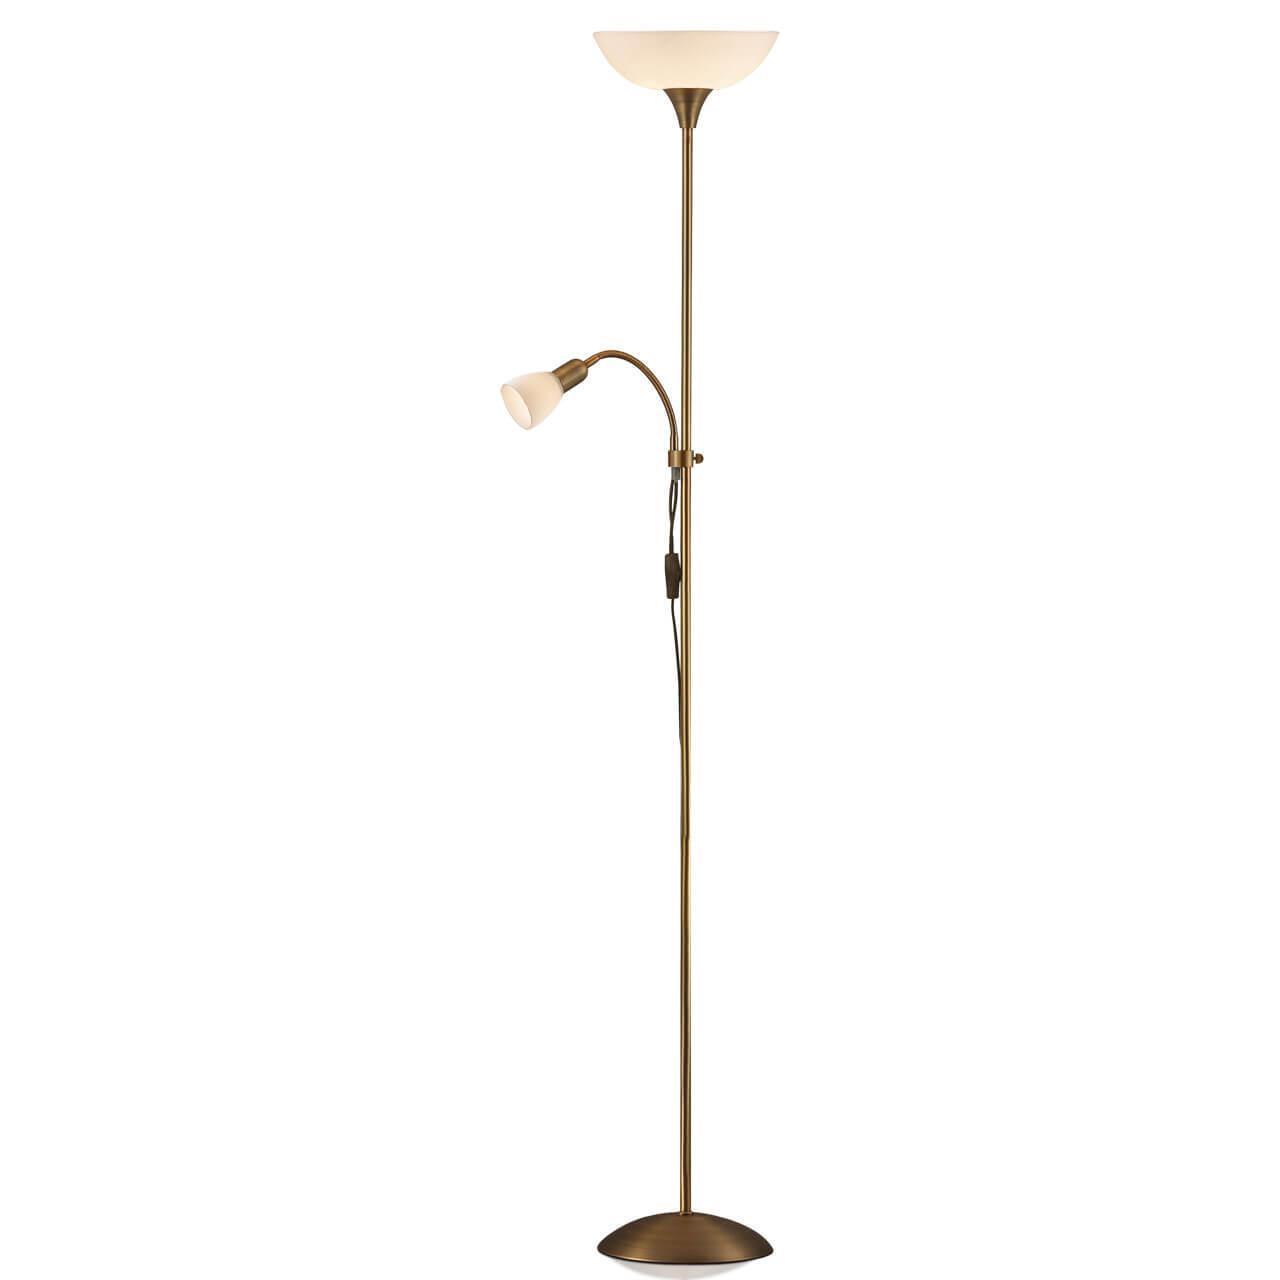 Напольный светильник Odeon Light 2712/F, E27, 100 Вт все цены